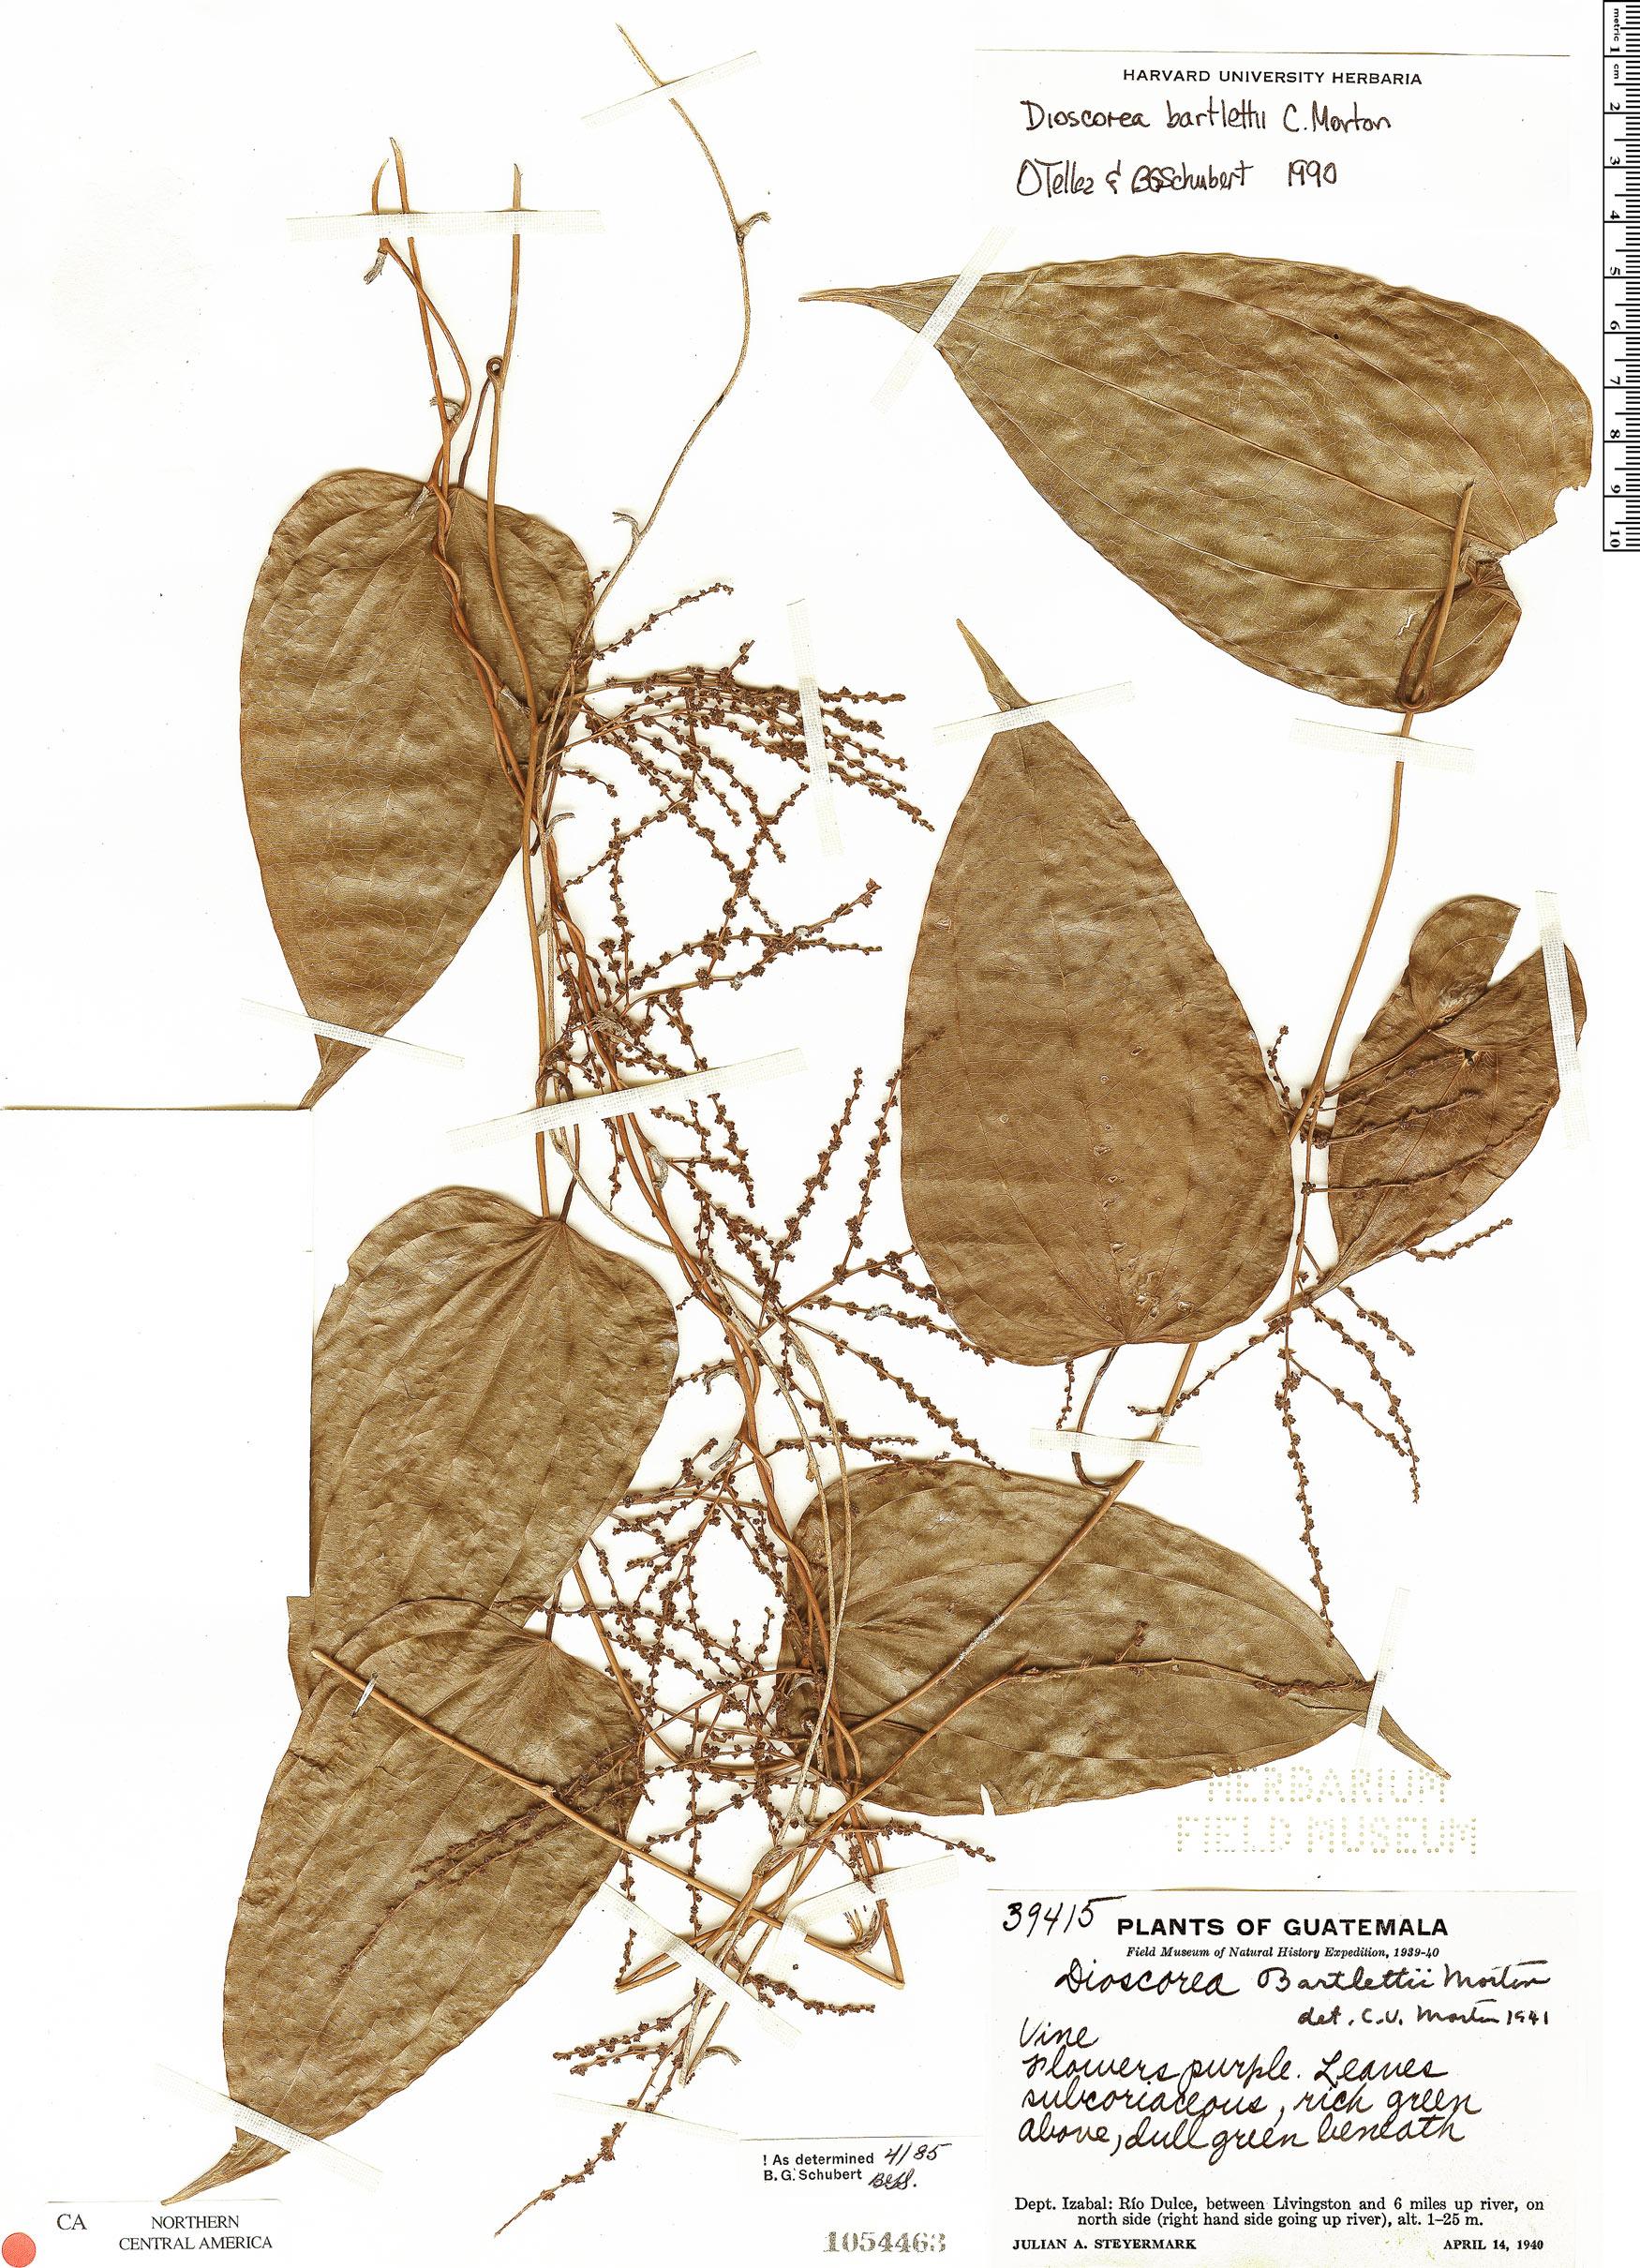 Dioscorea bartlettii image